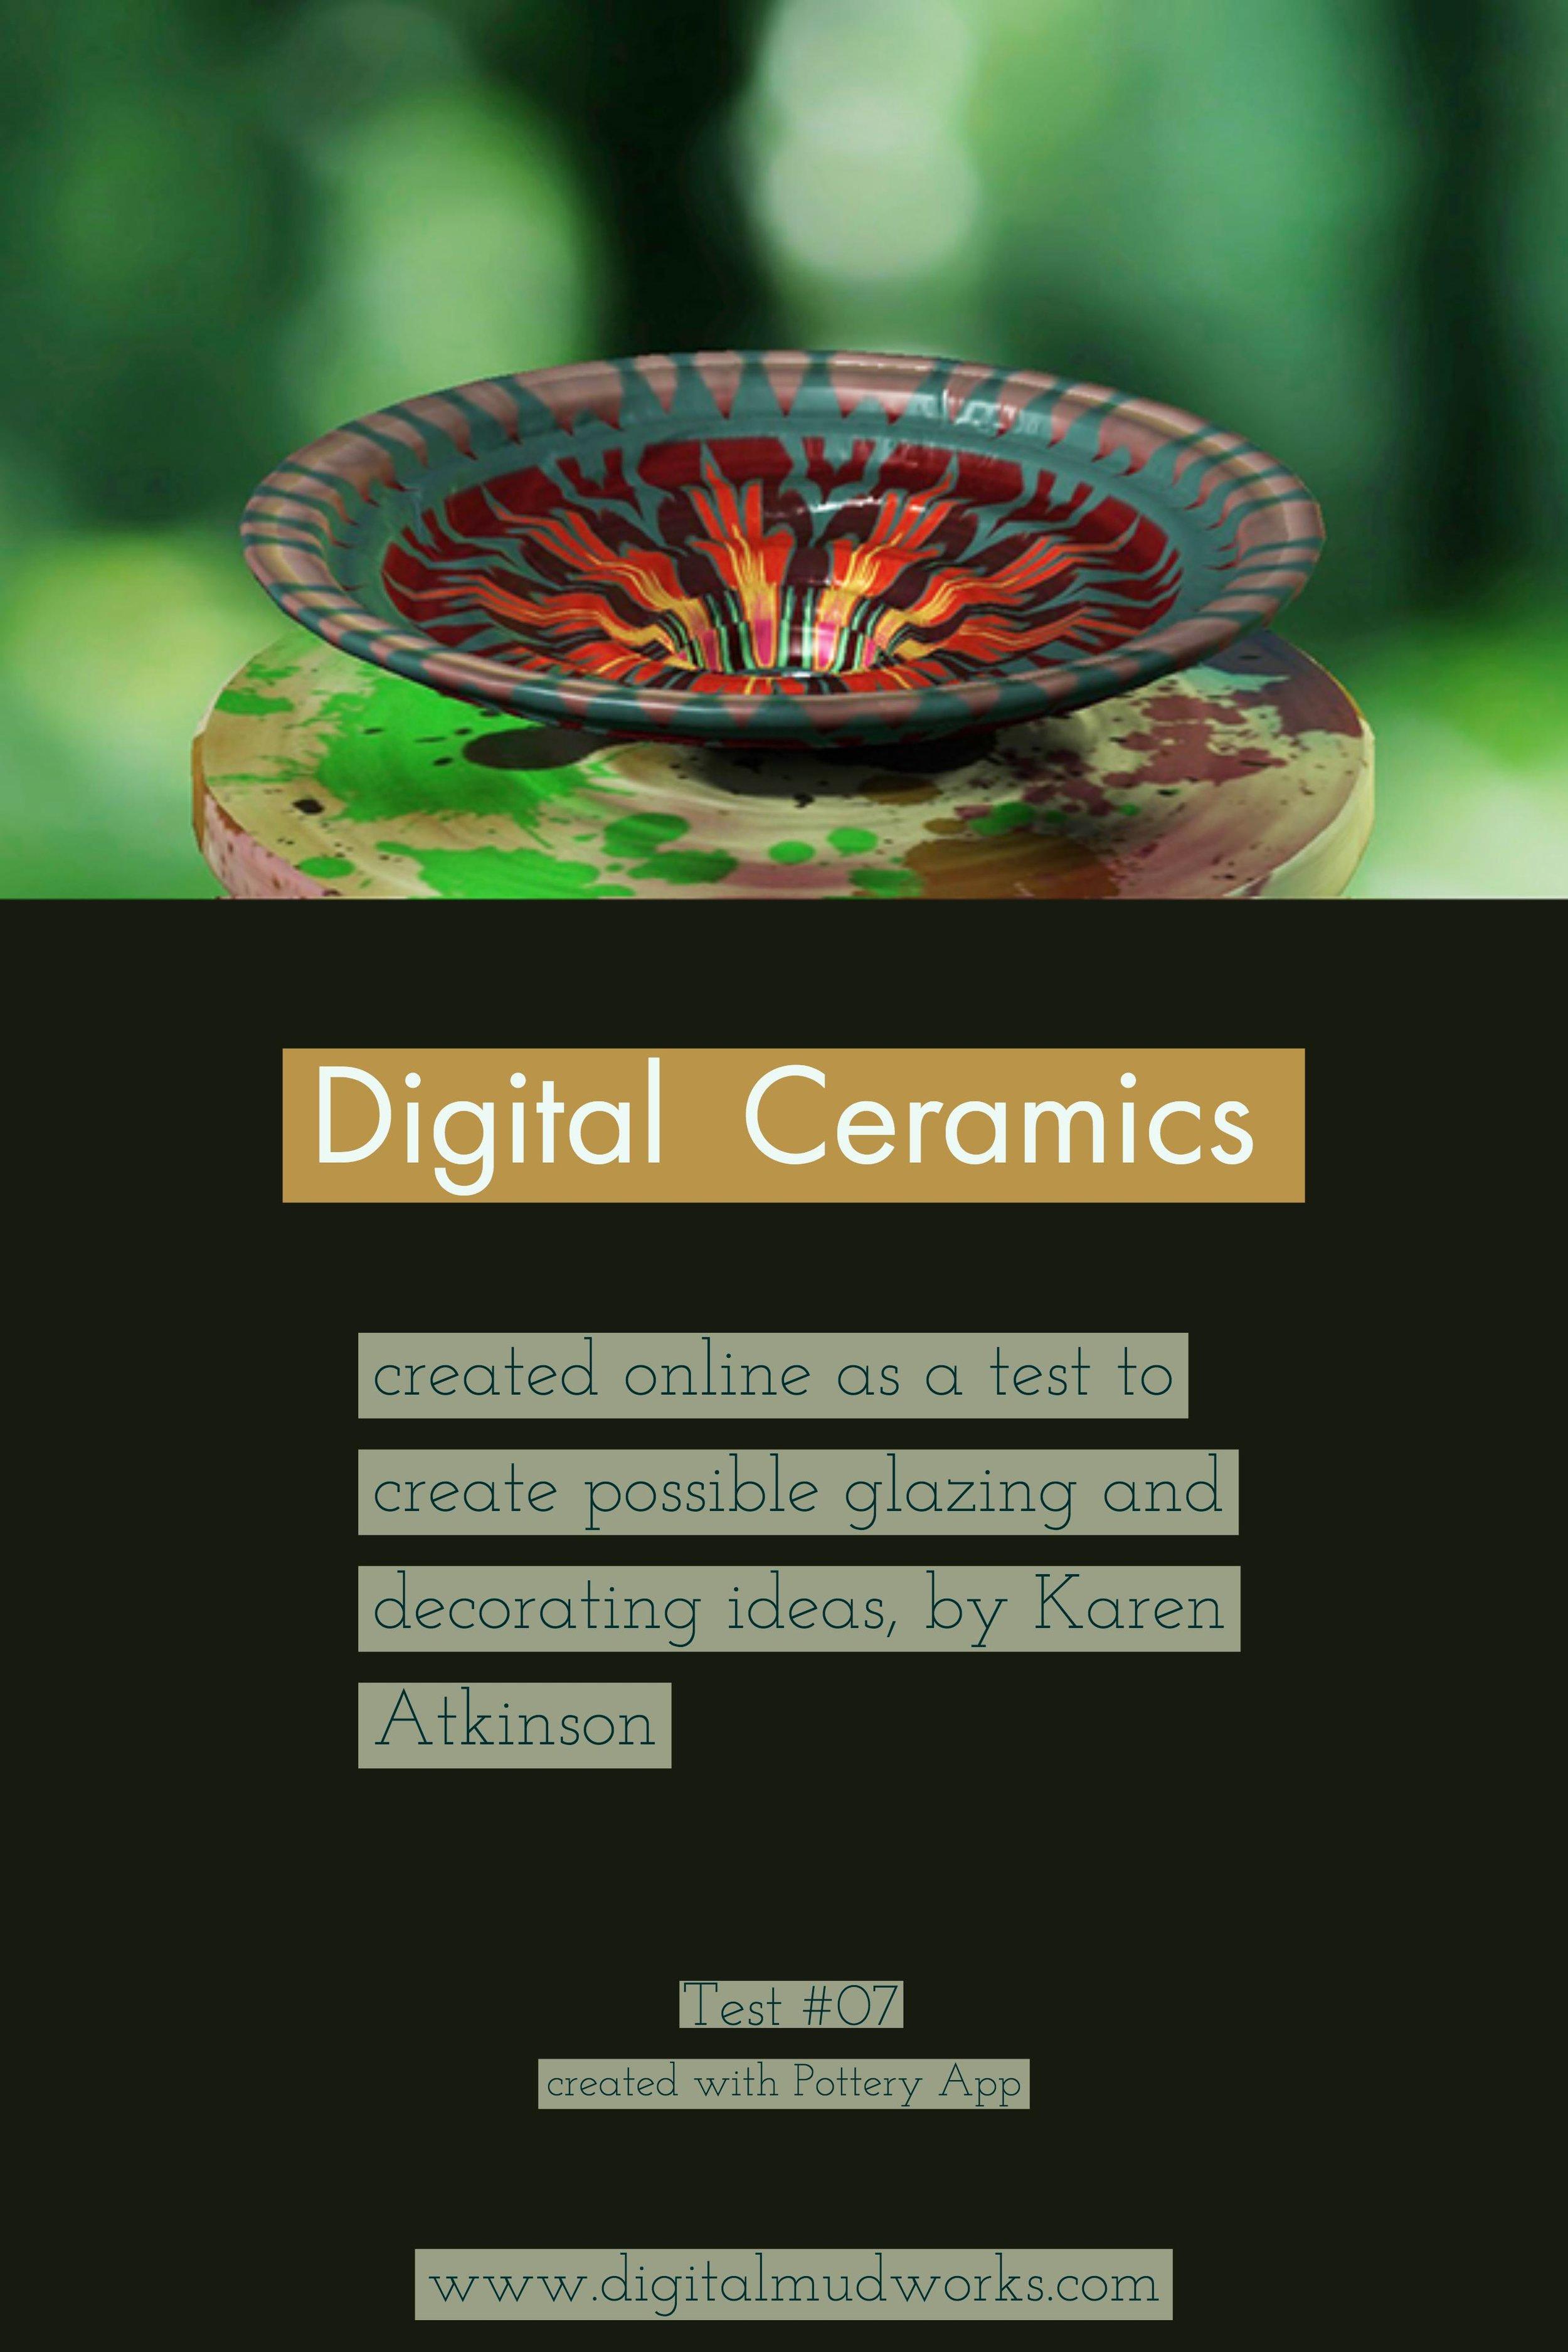 Digital Ceramics Test 07, using a computer app to do glaze and design tests. by Karen Atkinson